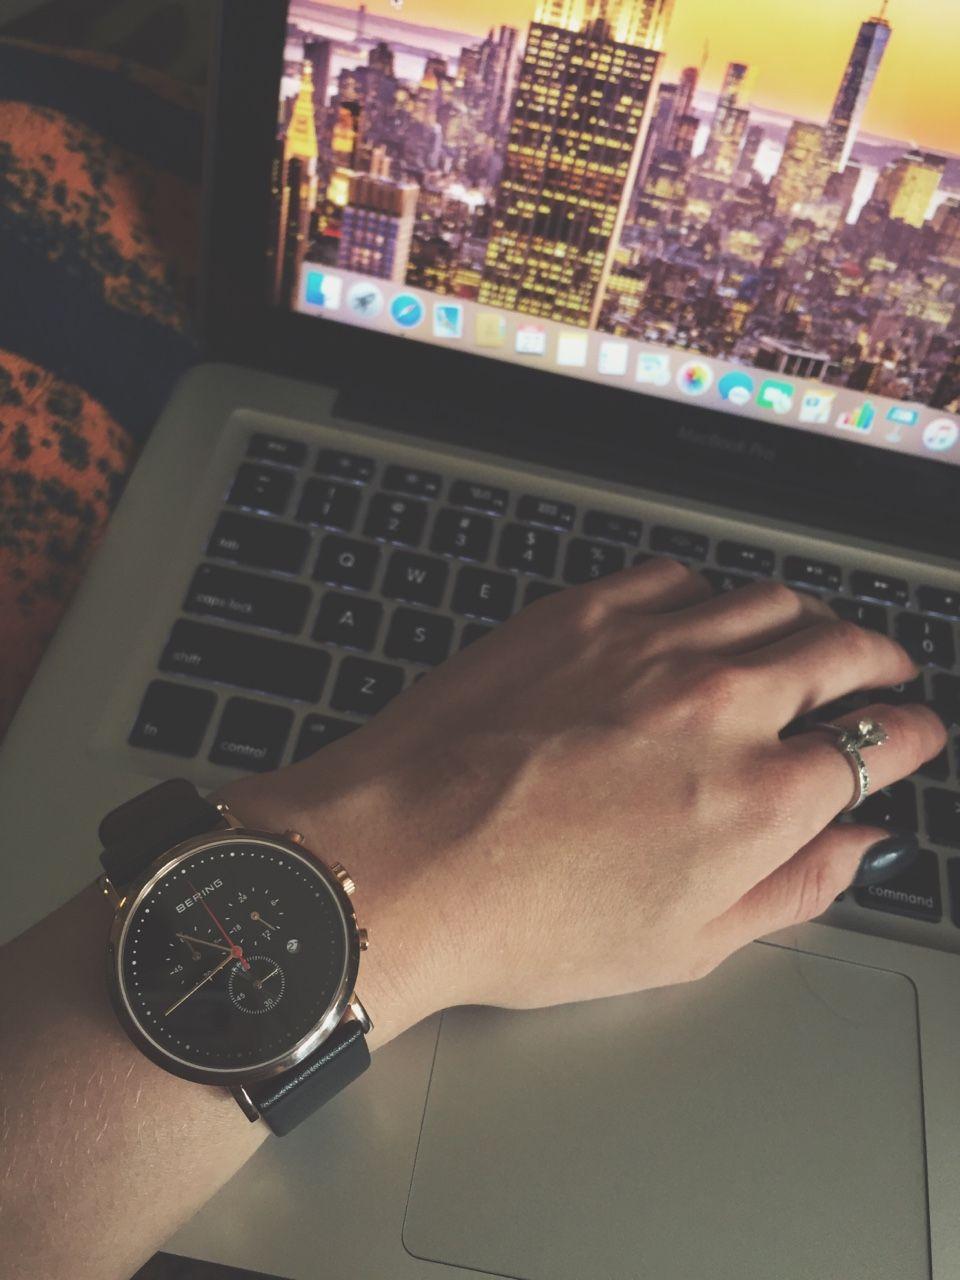 nice watch, nice laptop